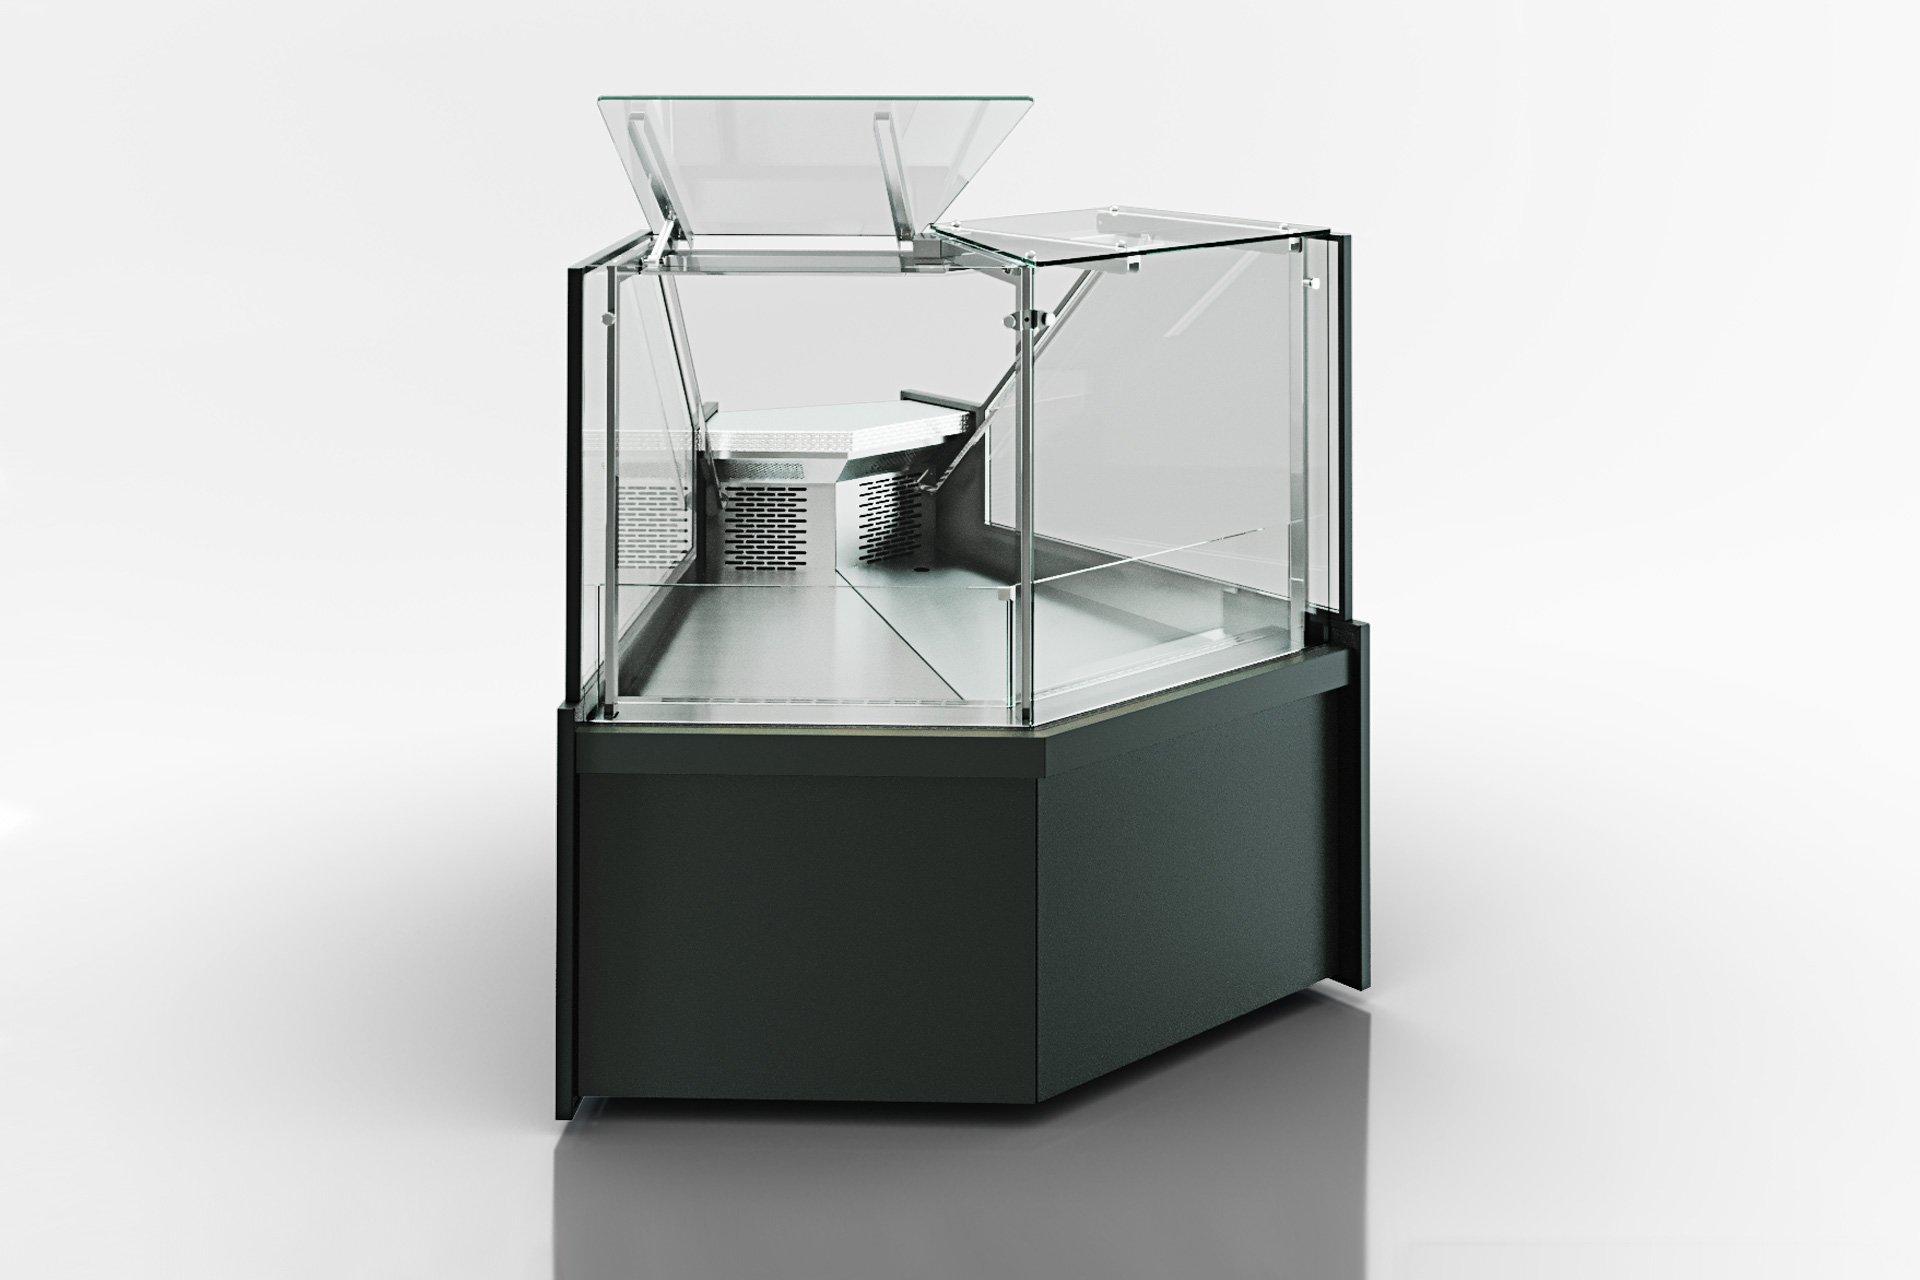 Угловые эленты холодильных витрин Missouri MC 120 deli PP 130-DLM-ES45